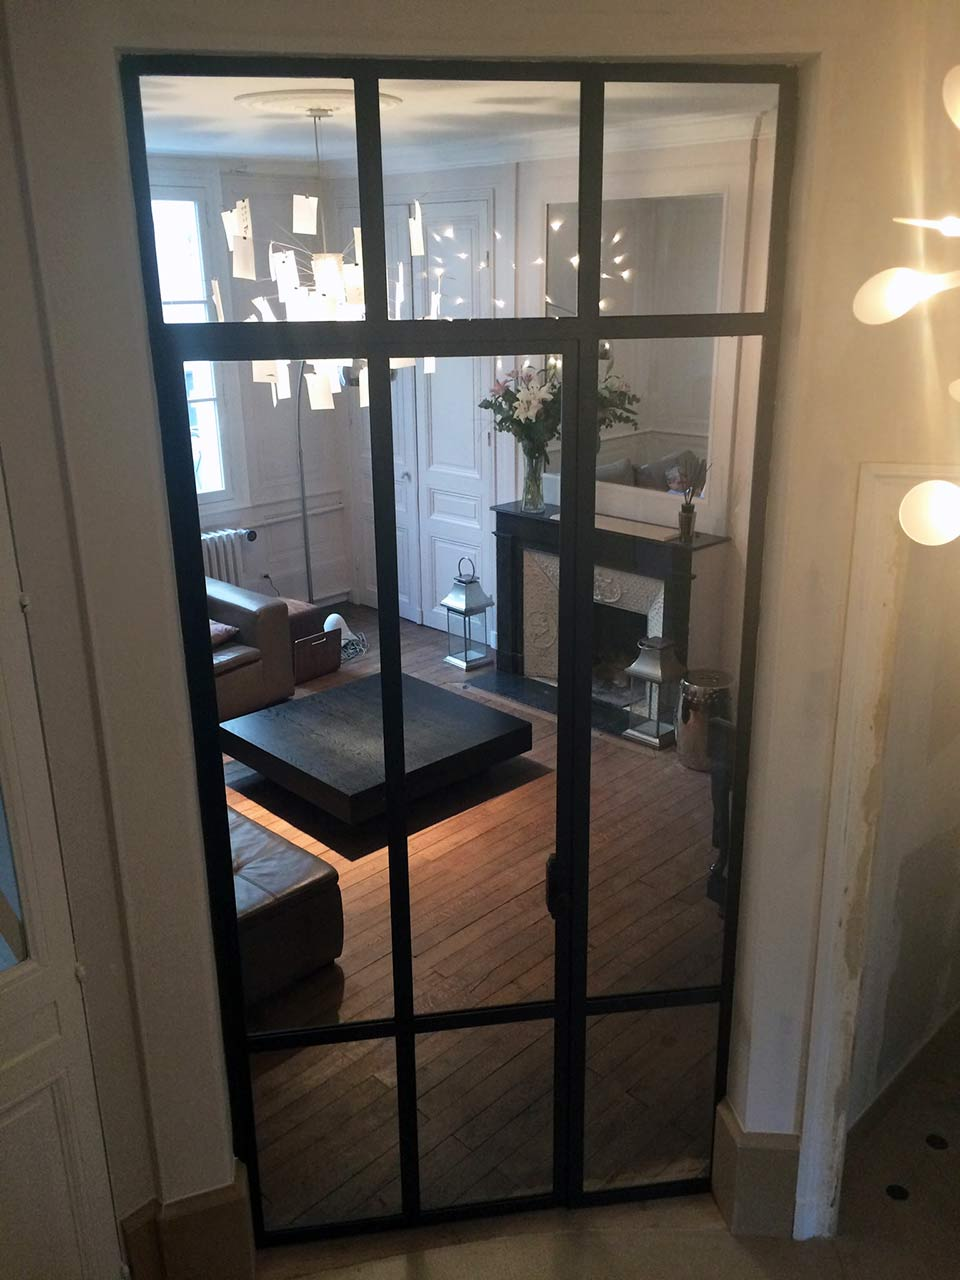 verri res d atelier d artiste munch et foucher portes fen tres escalier portails et. Black Bedroom Furniture Sets. Home Design Ideas